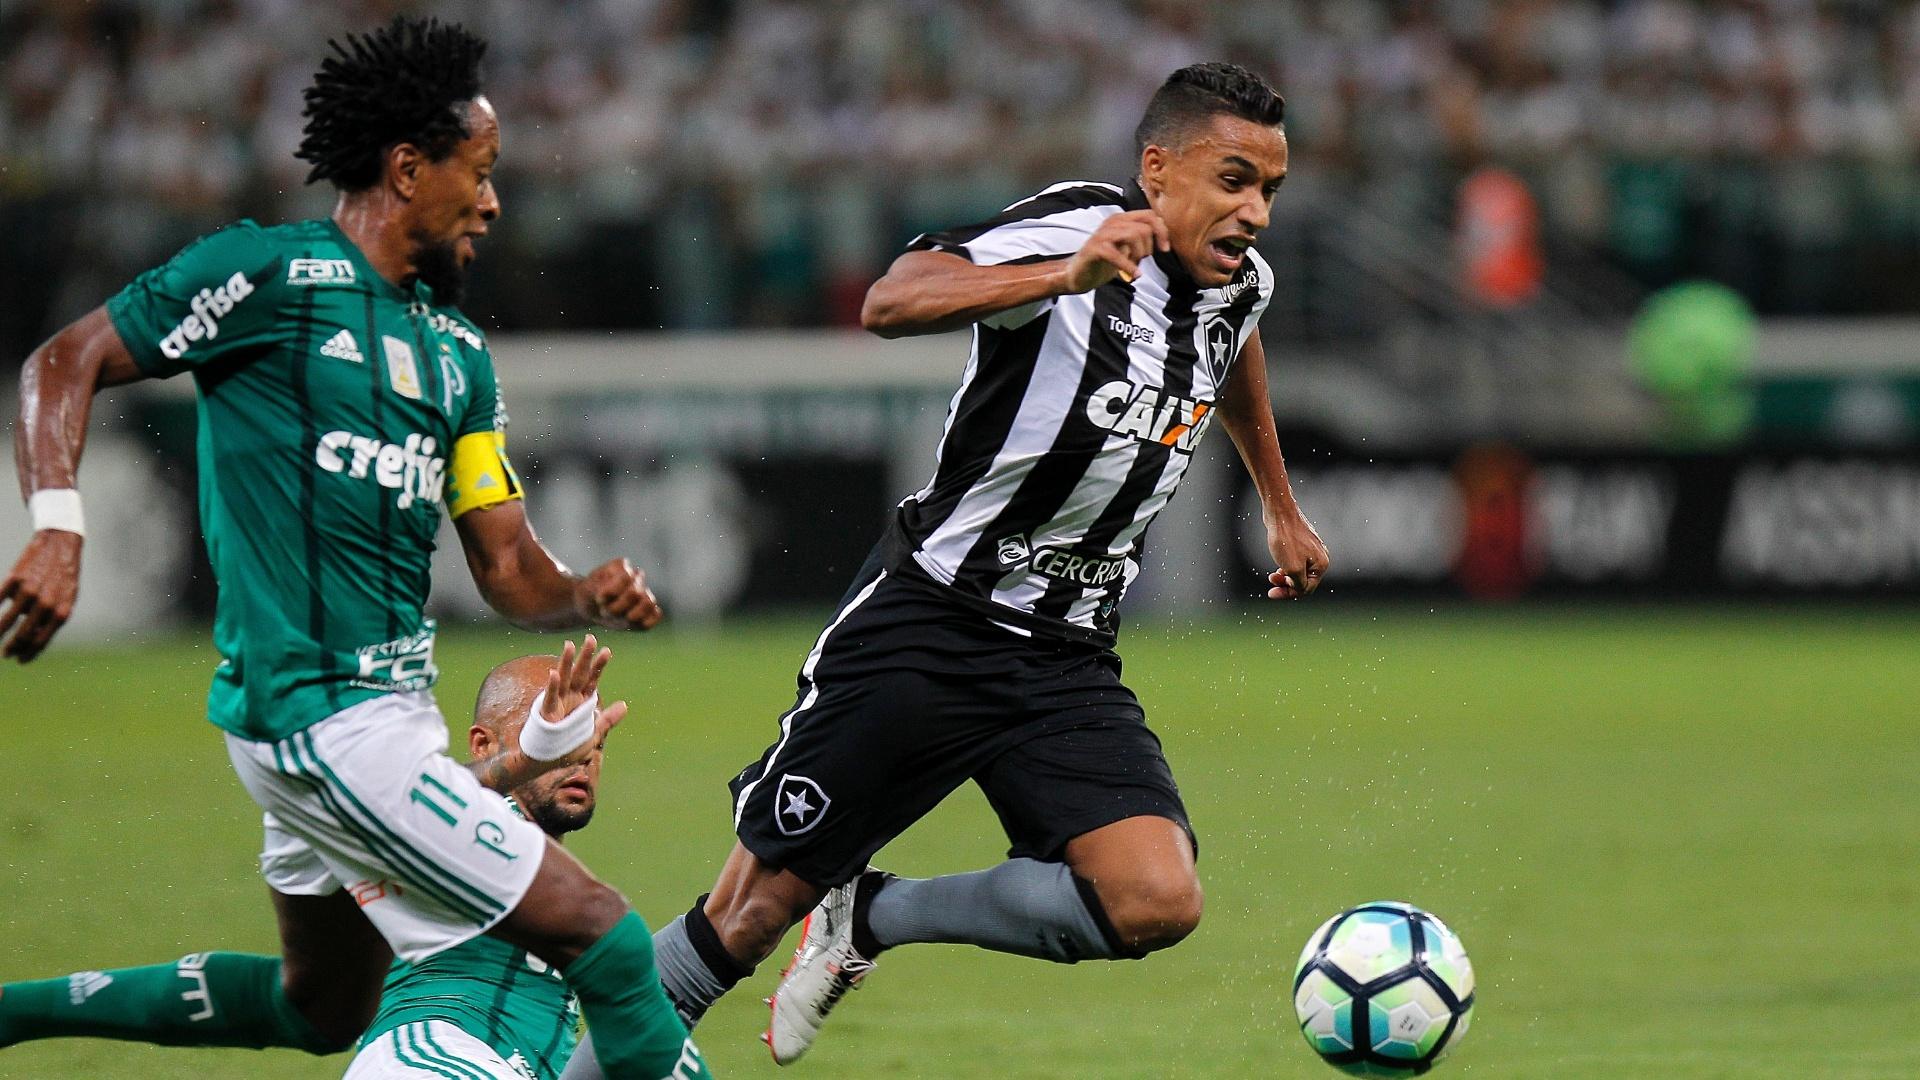 Arnaldo, lateral do Botafogo, passa pela marcação dupla do Palmeiras, com Felipe Melo e Zé Roberto